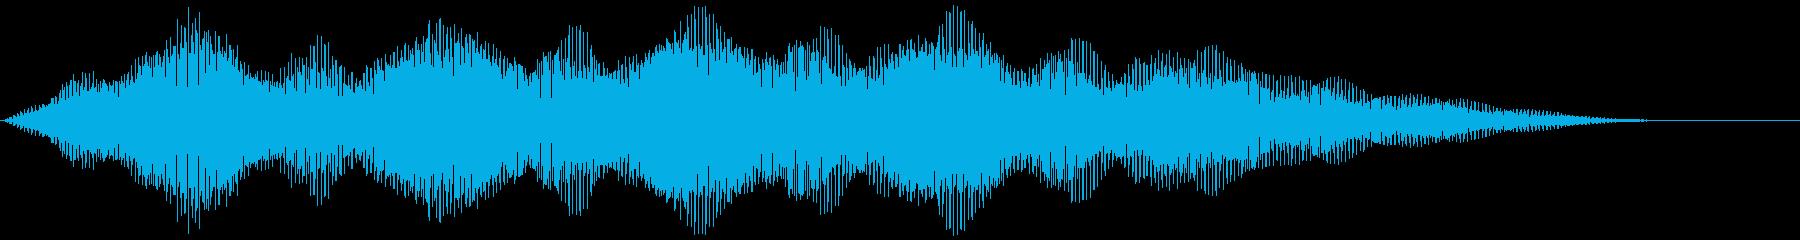 【ダーク】闇空間の映像の再生済みの波形